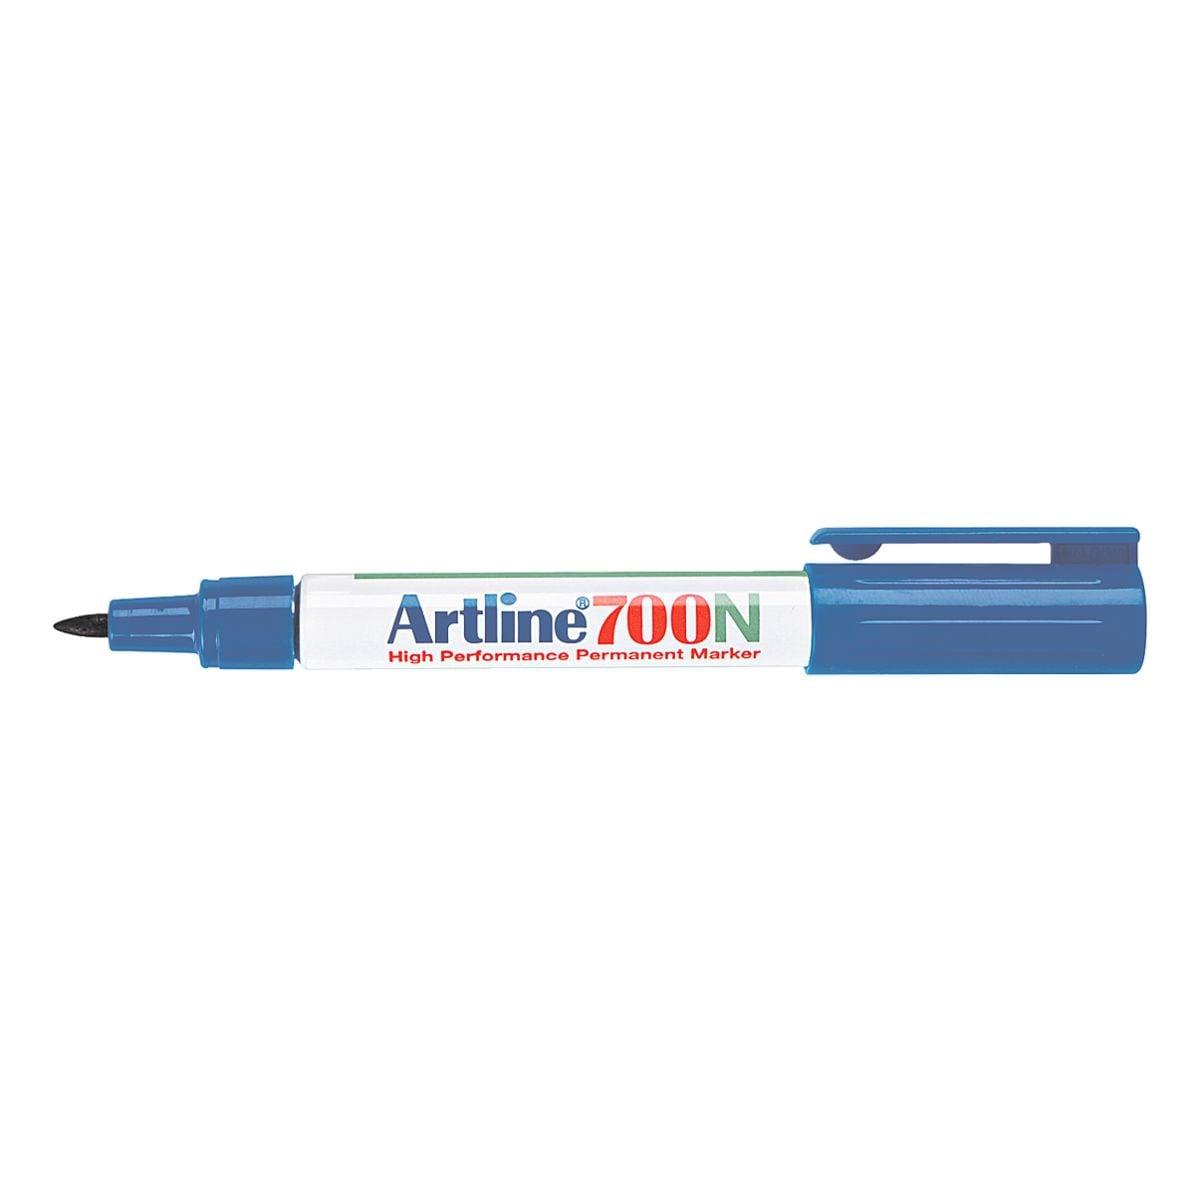 artline permanent marker 700 rundspitze strichst rke 0 7 mm f bei otto office g nstig kaufen. Black Bedroom Furniture Sets. Home Design Ideas